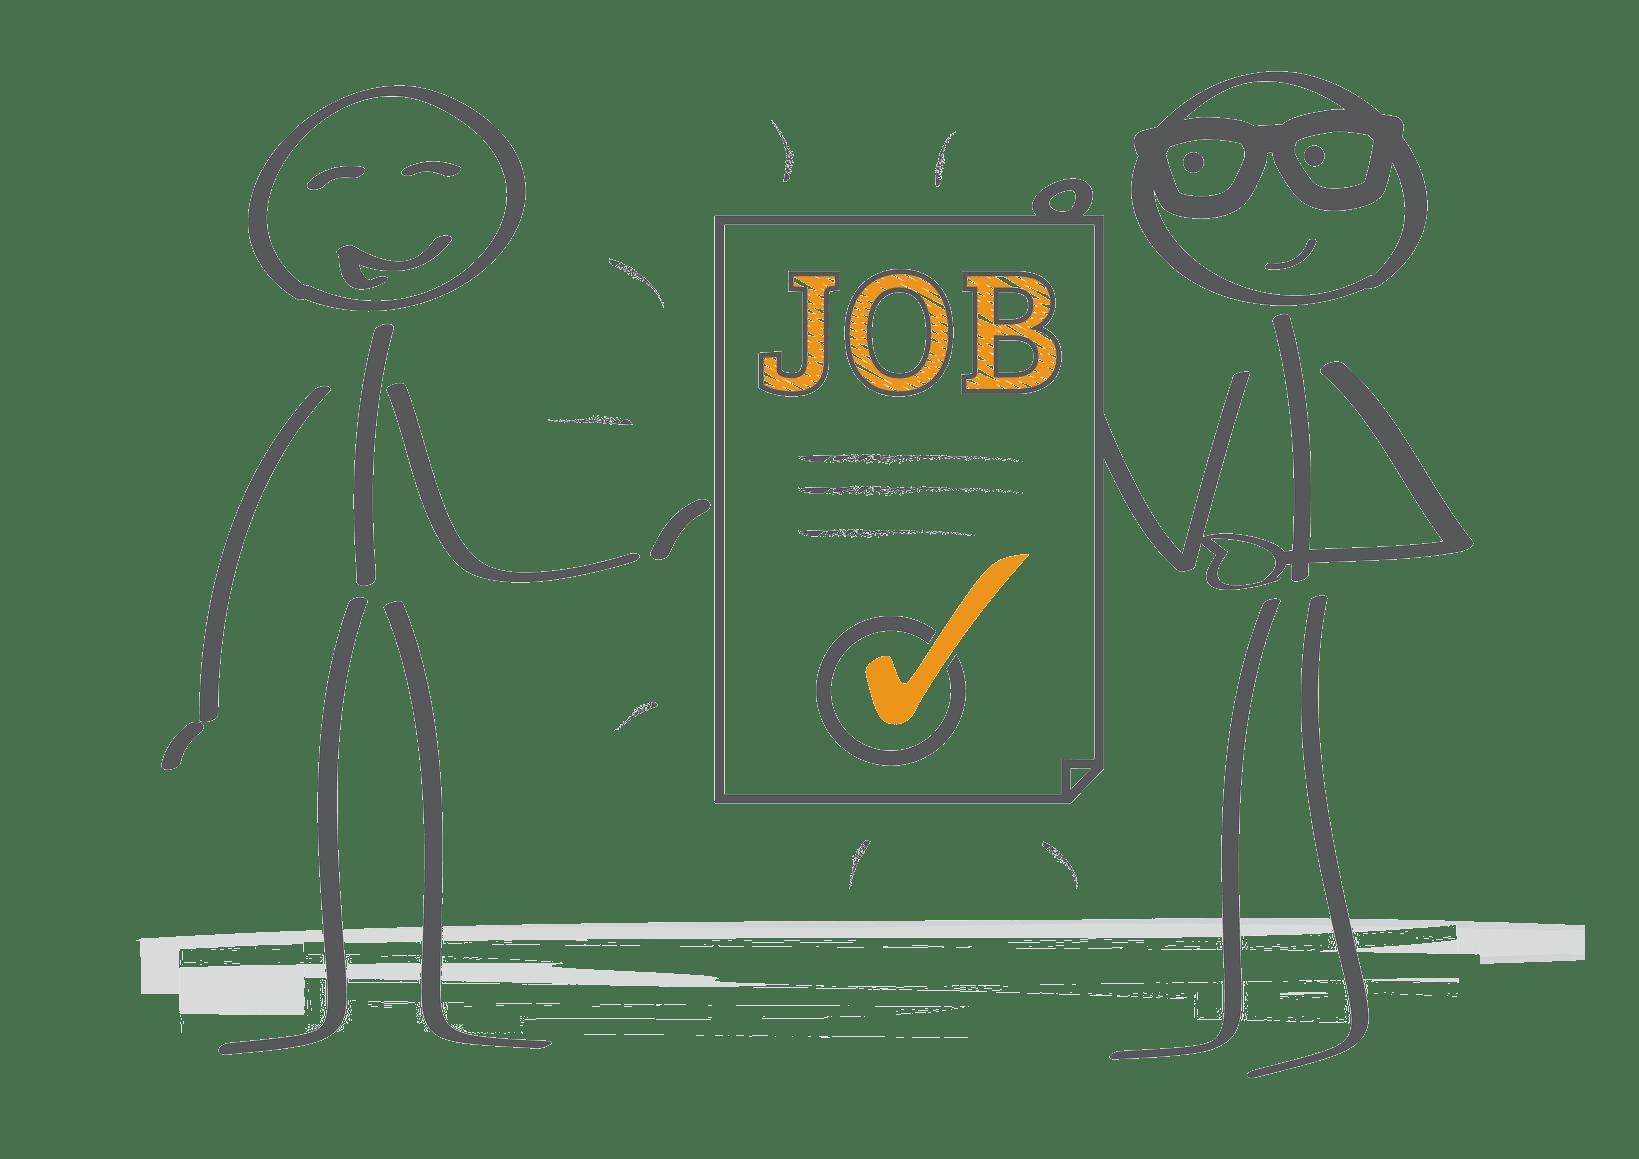 Zum nächsten Job mit personalplan - klicken Sie aufs Bild, um zum Bewerbungsformular zu gelangen.